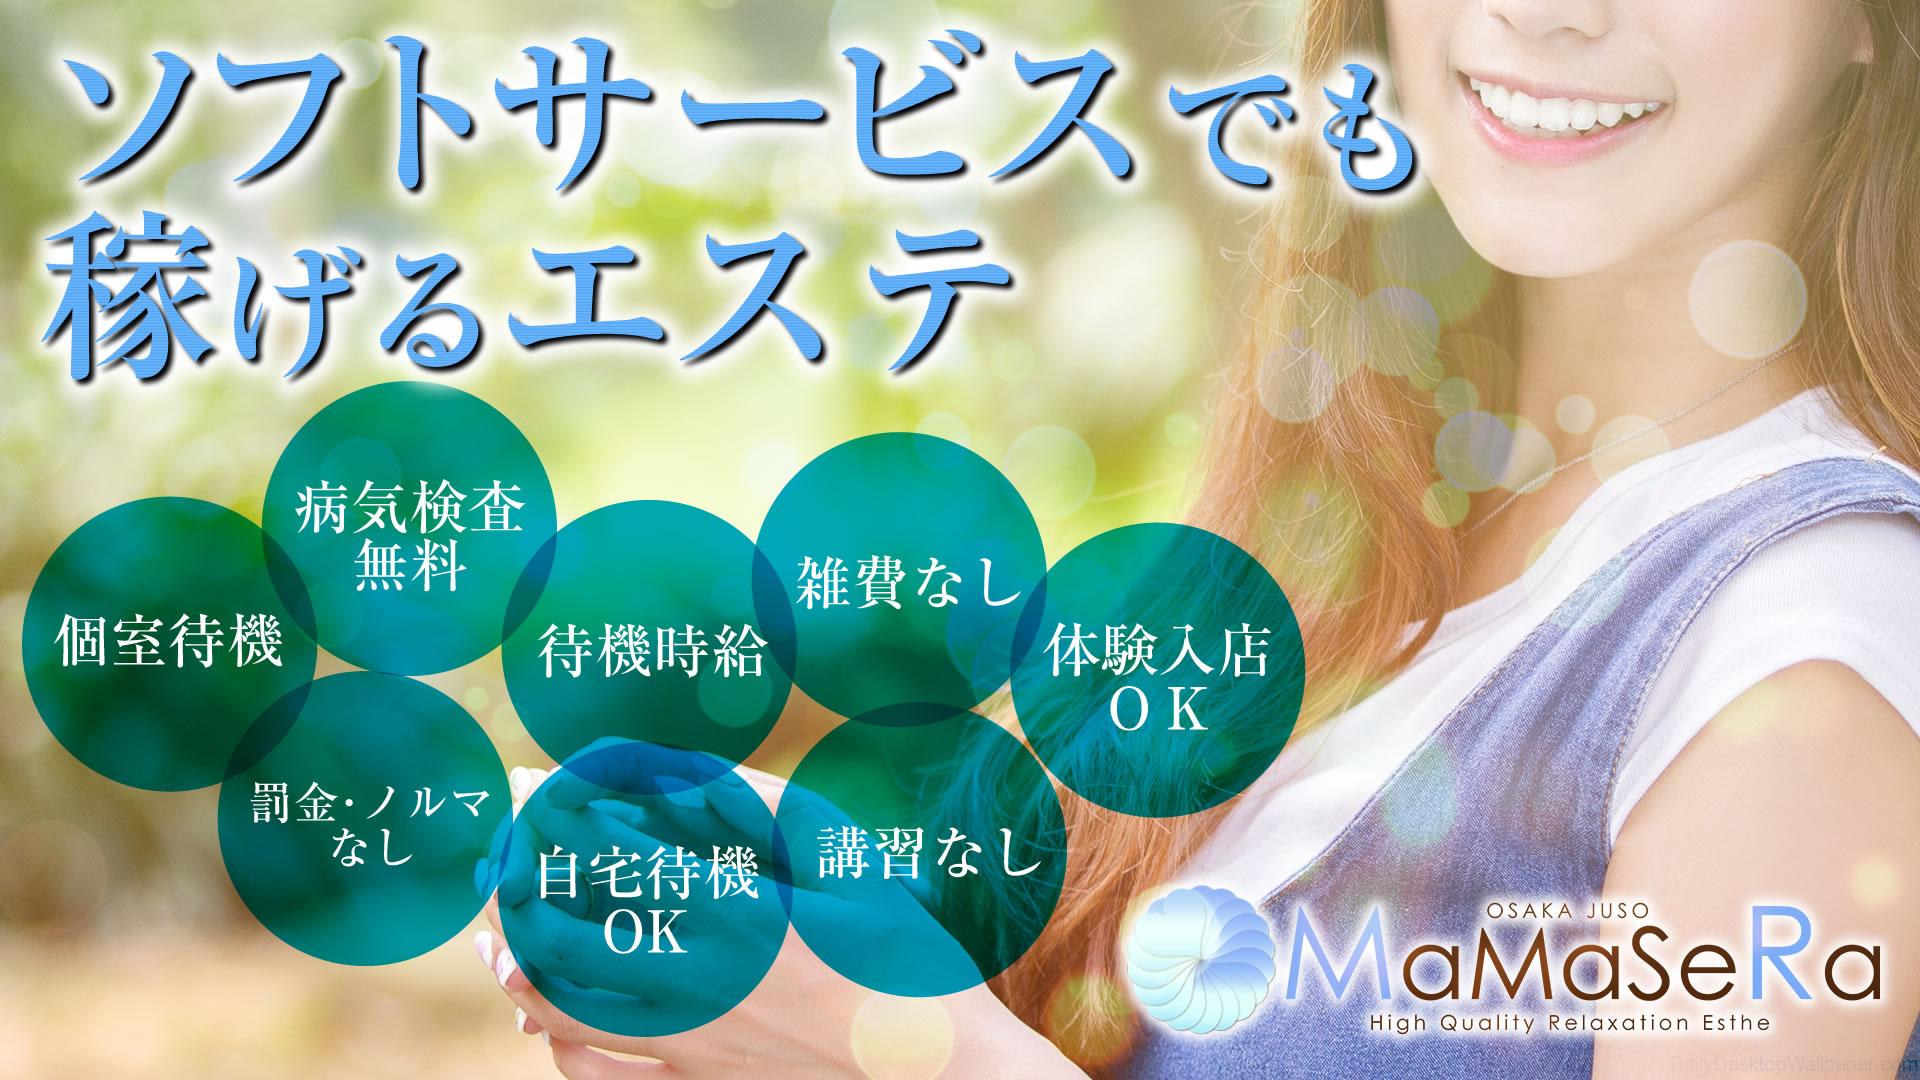 MaMaSeRa 十三店